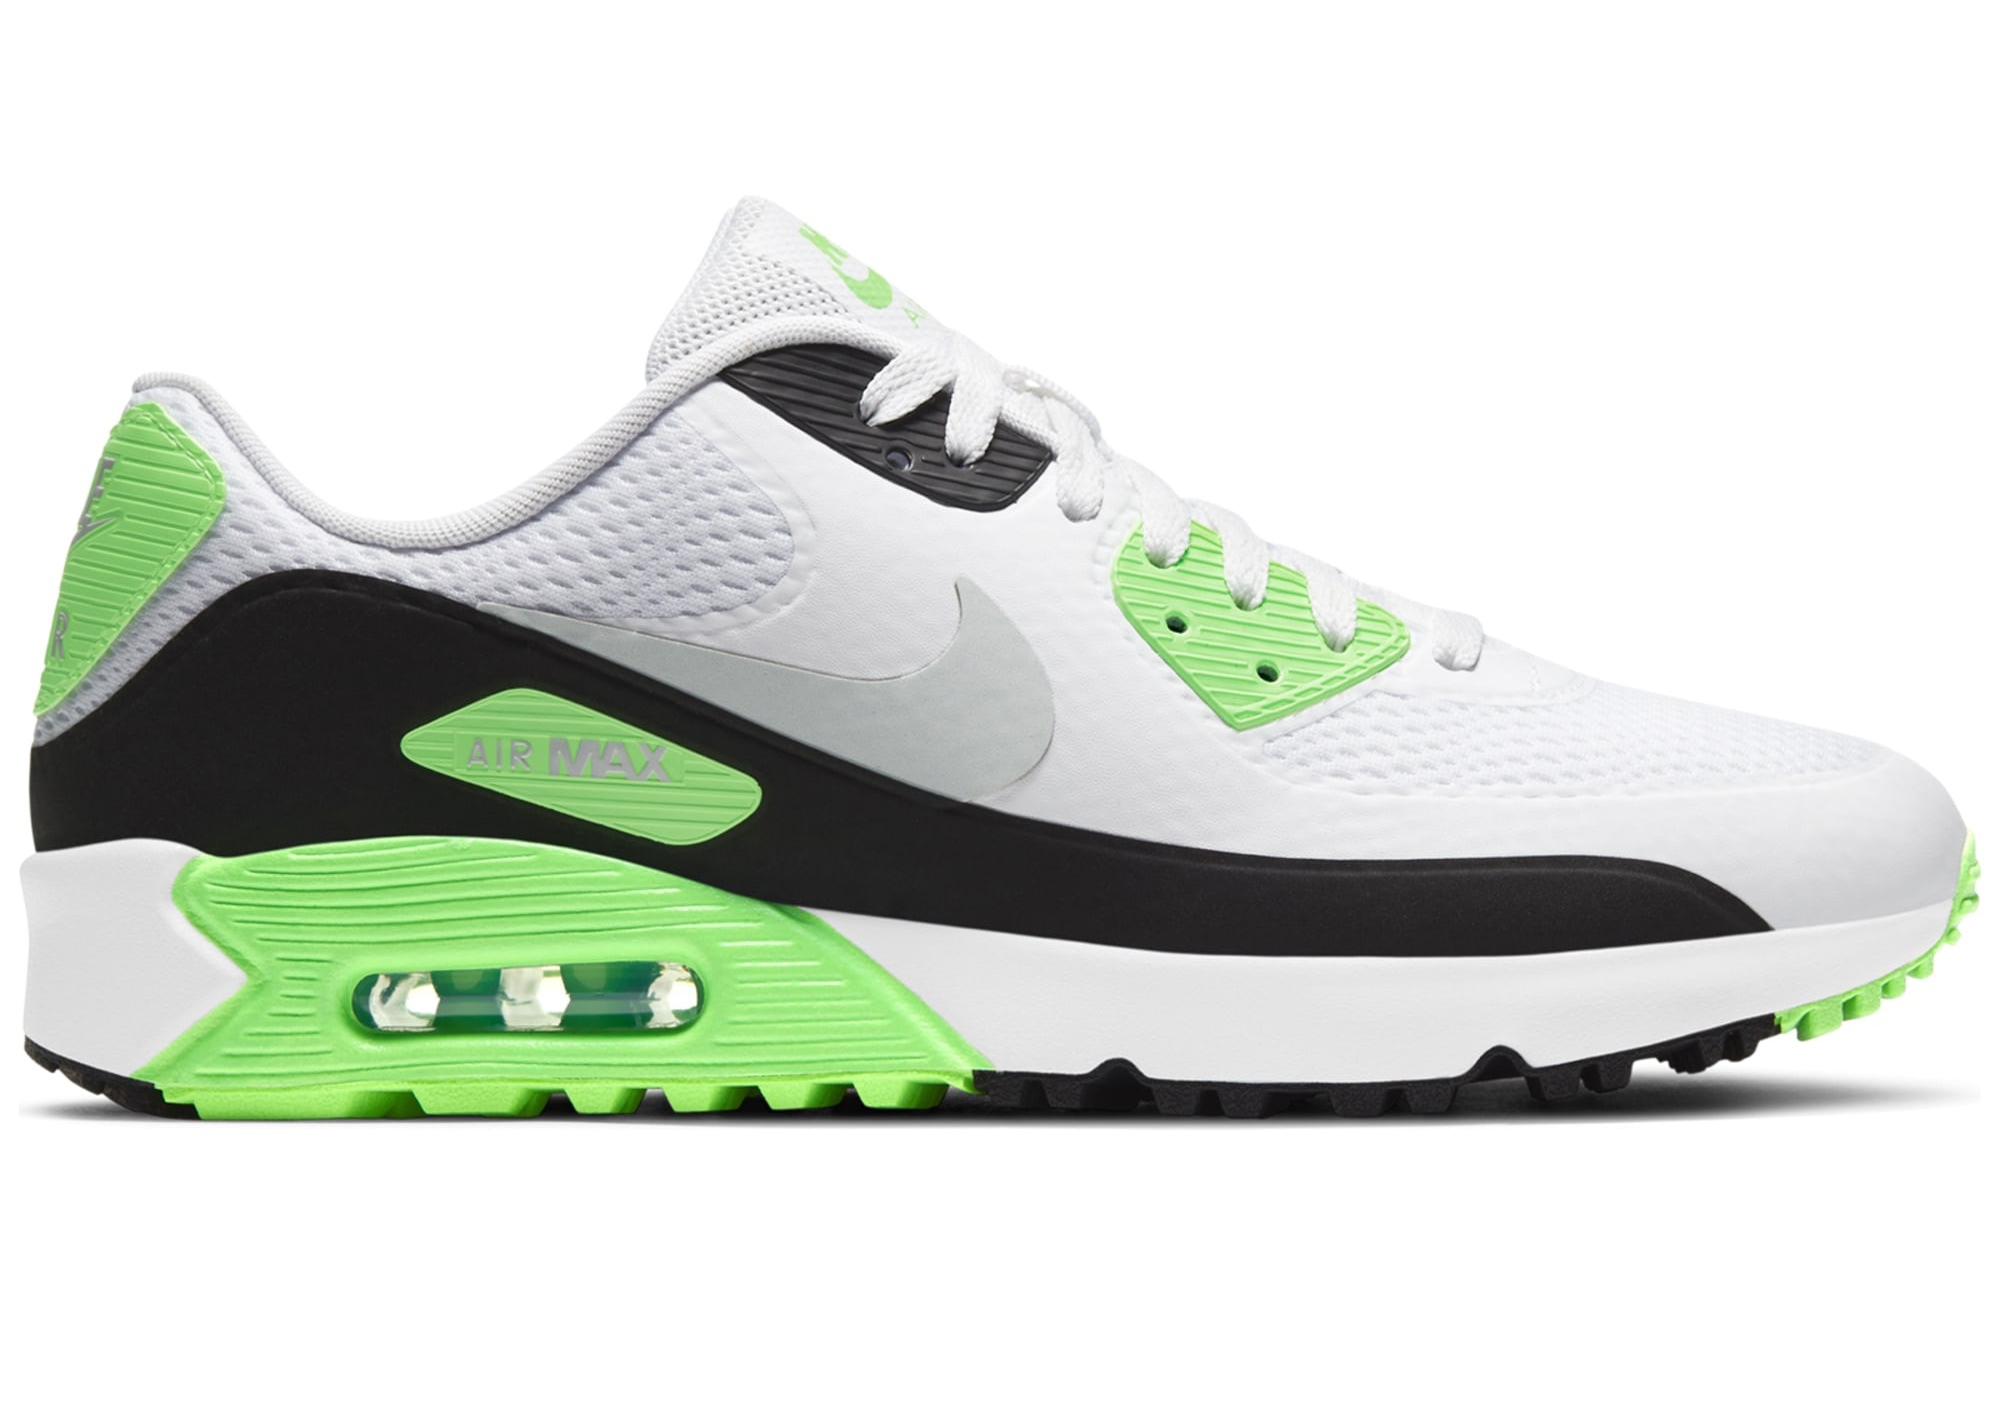 Nike Air Max 90 Golf Flash Lime